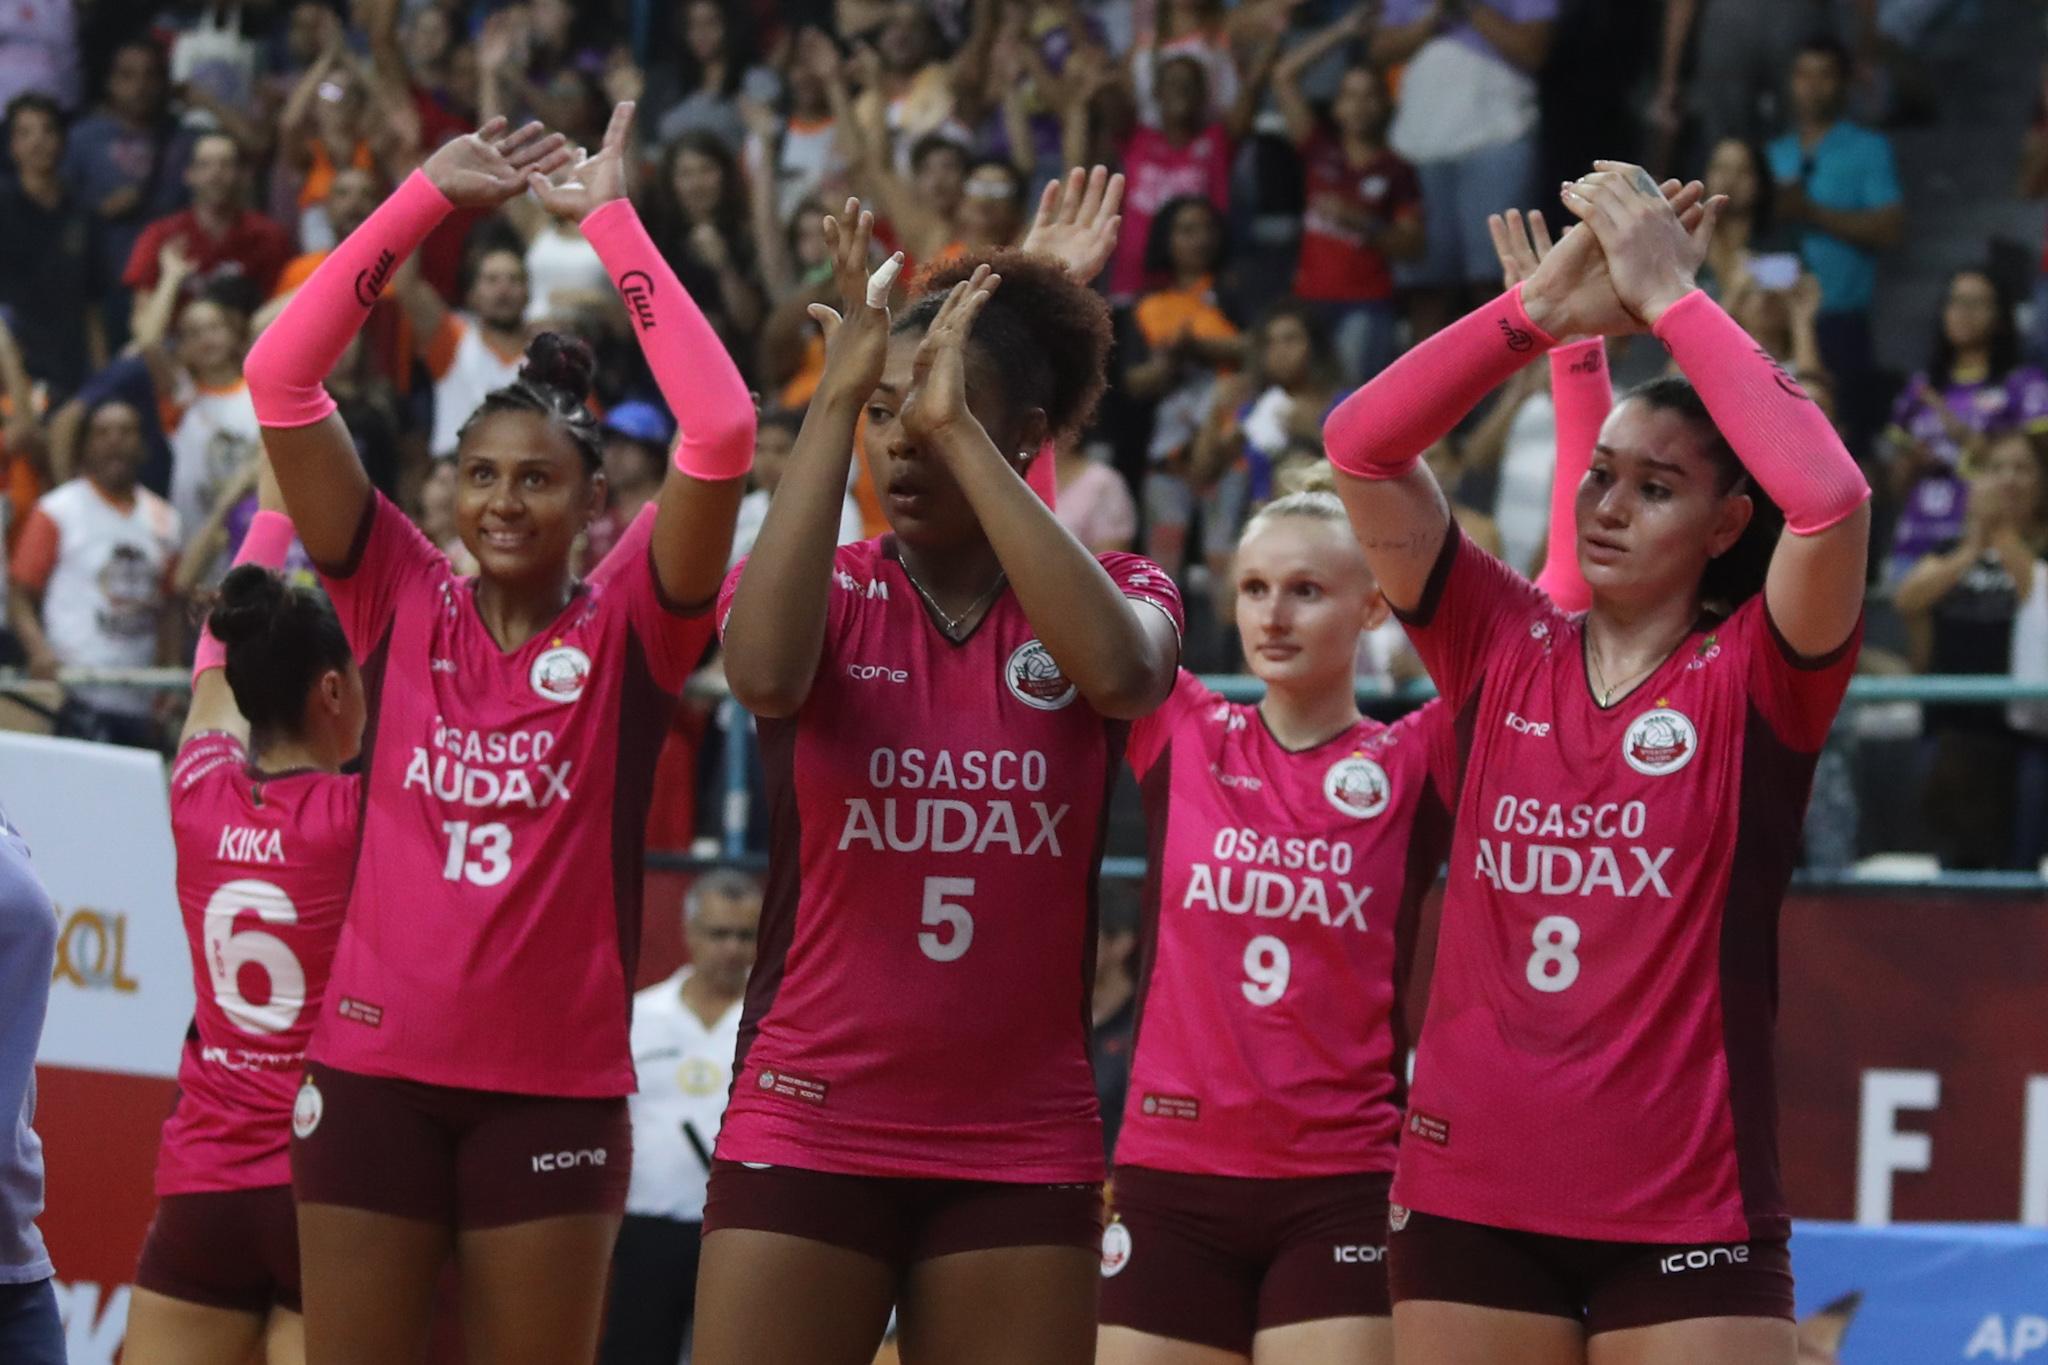 Vôlei Osasco-Audax abre playoff das quartas de final contra Barueri nesta terça-feira (19)